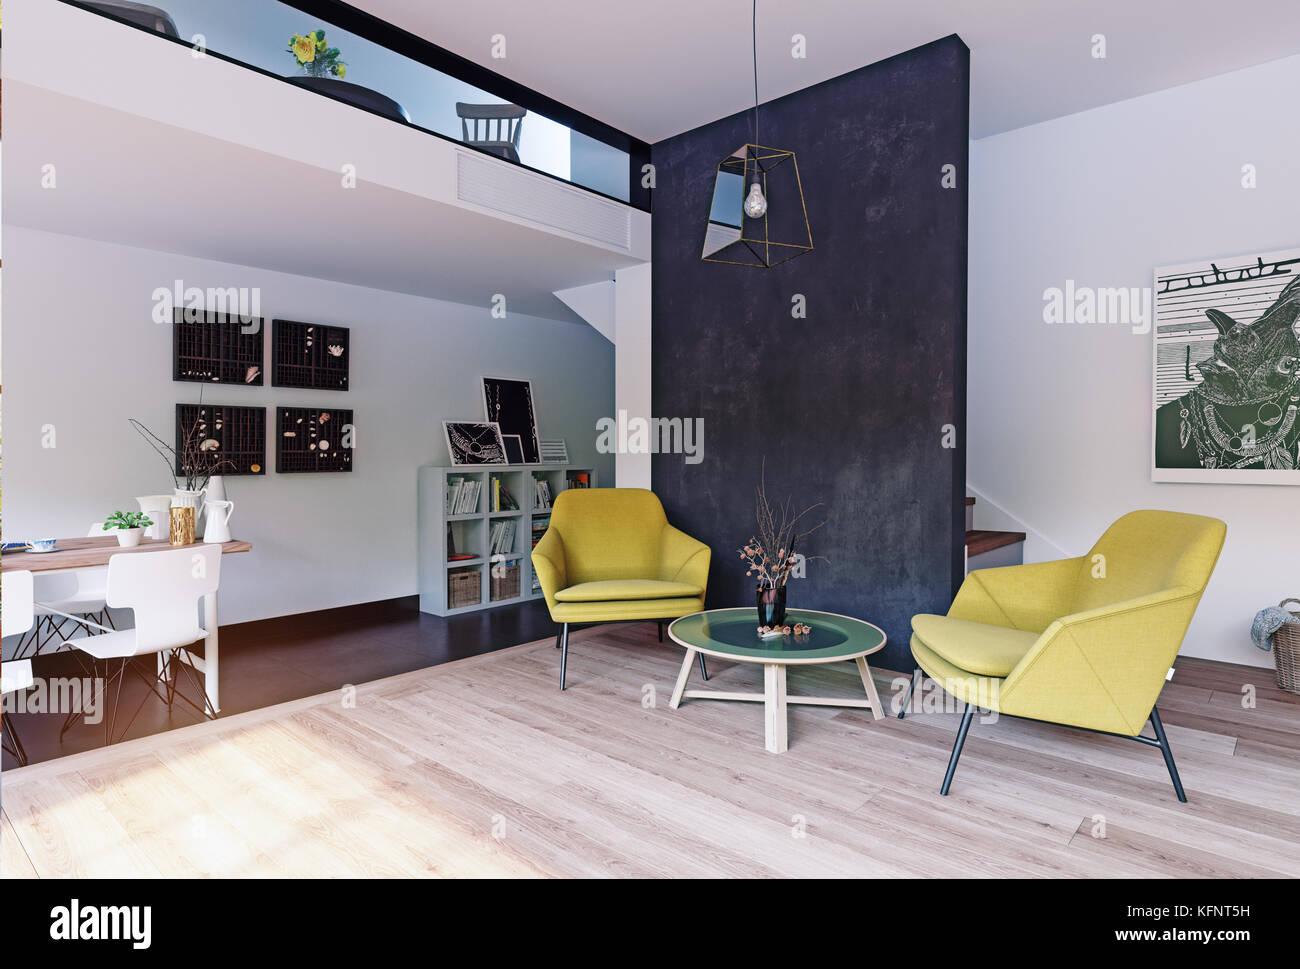 Interior moderno concepto de representación. Ilustración 3d Imagen De Stock